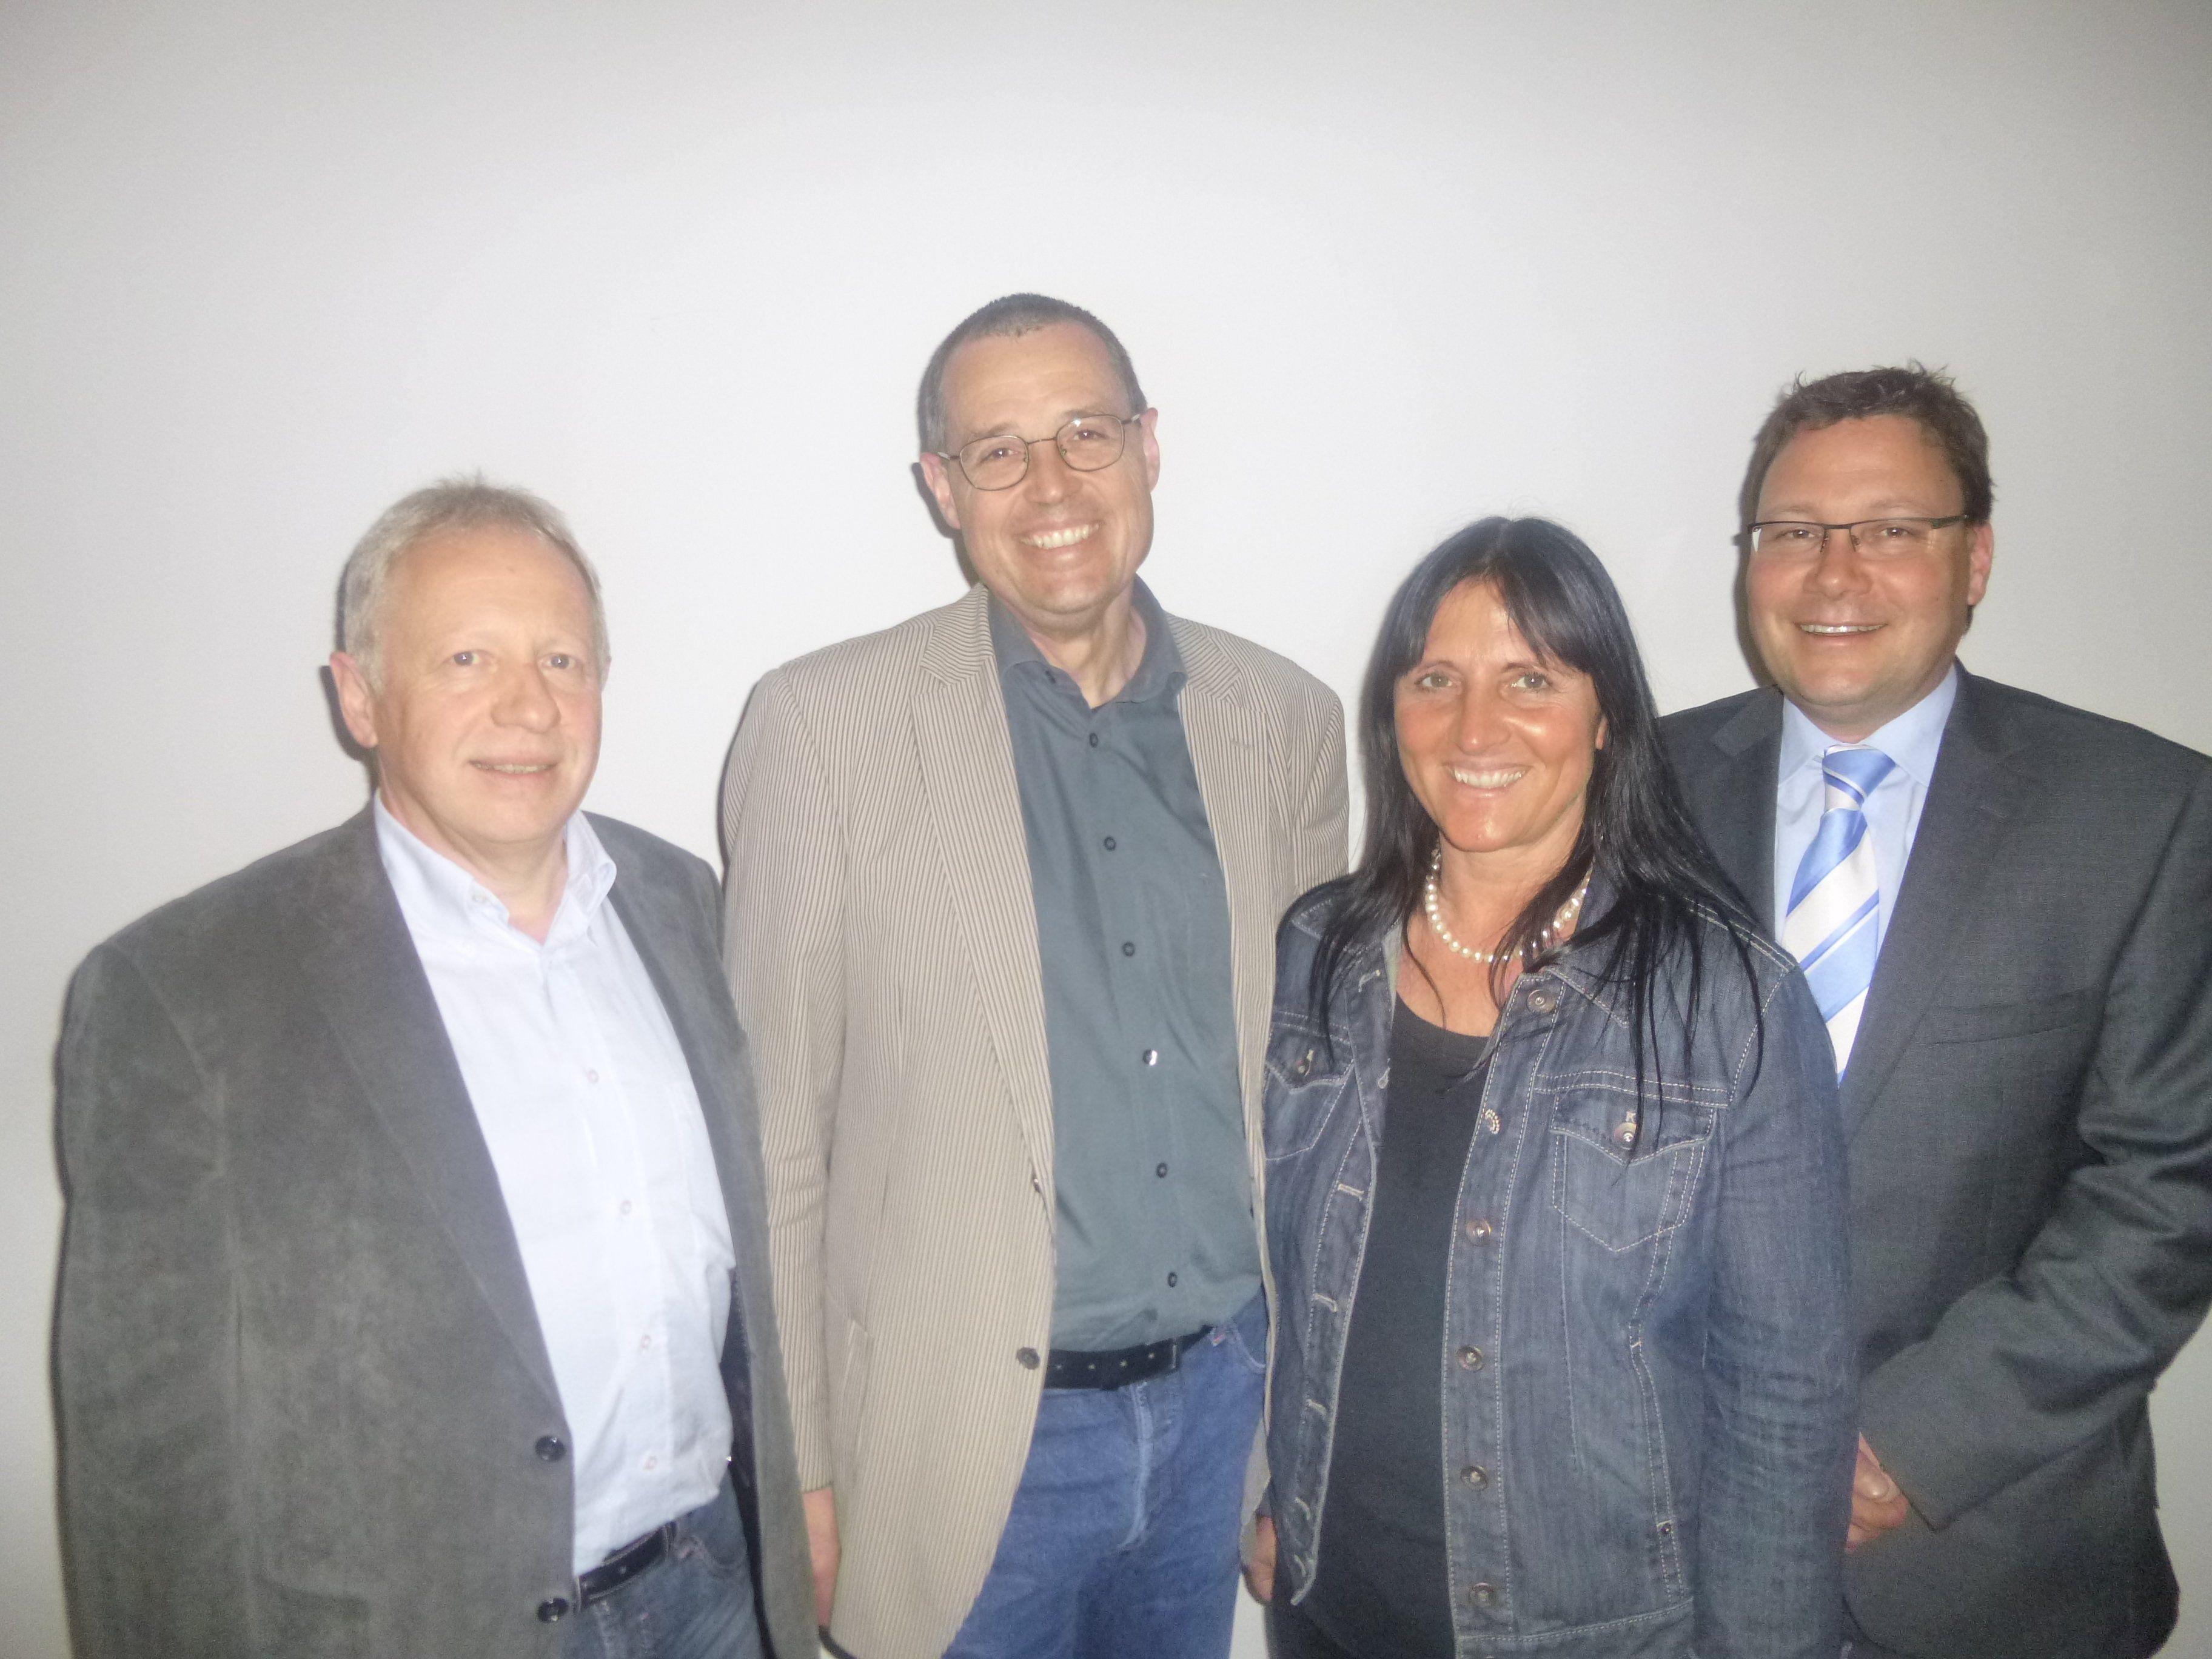 Vorstand der ARGE Vorarlberger Erwachsenenbildung: Christian Kopf, Hans Rapp, Ulrike Unterthurner. Stefan Fischnaller